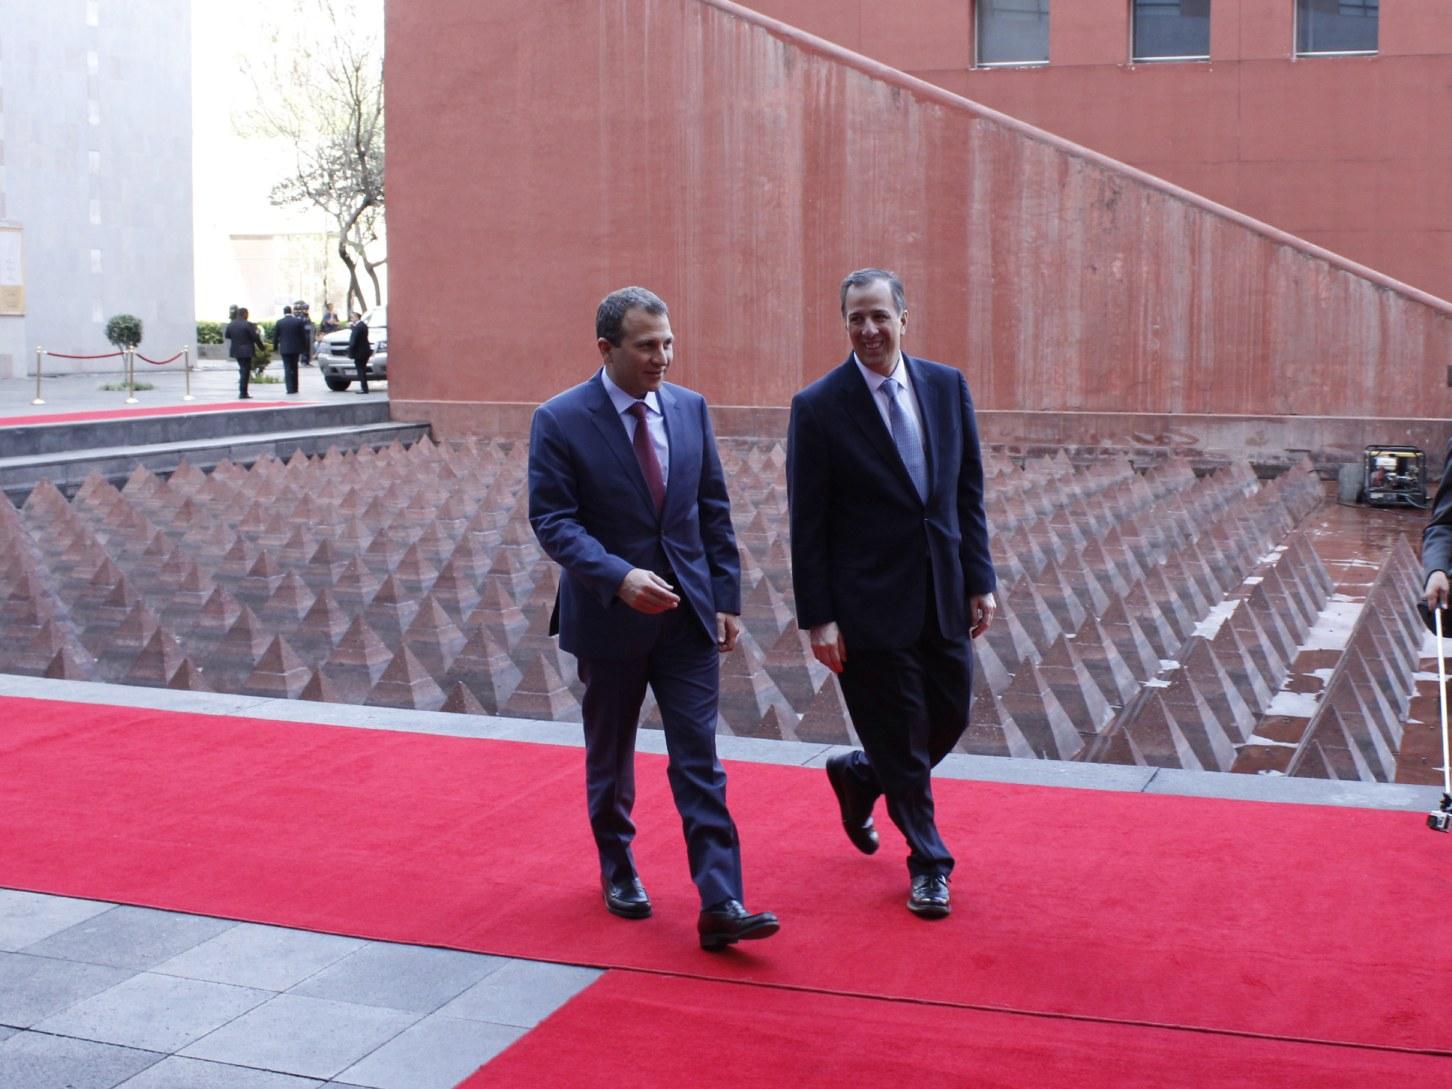 FOTO 2 El canciller Meade recibi  al ministro de Relaciones Exteriores y de Emigrantes de L bano  Gebran Bassiljpg